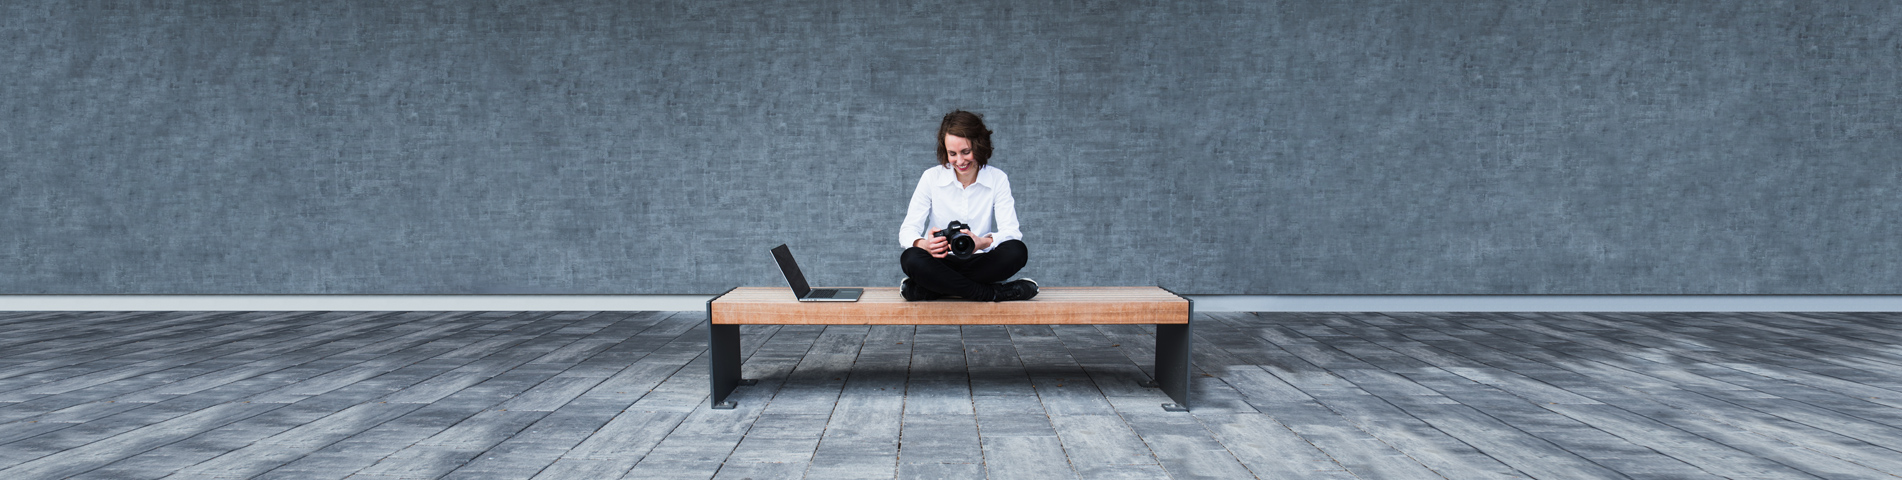 fotografie-produktfotografie-portraitfotografie-360-animationen-modefotografie-industriefotografie